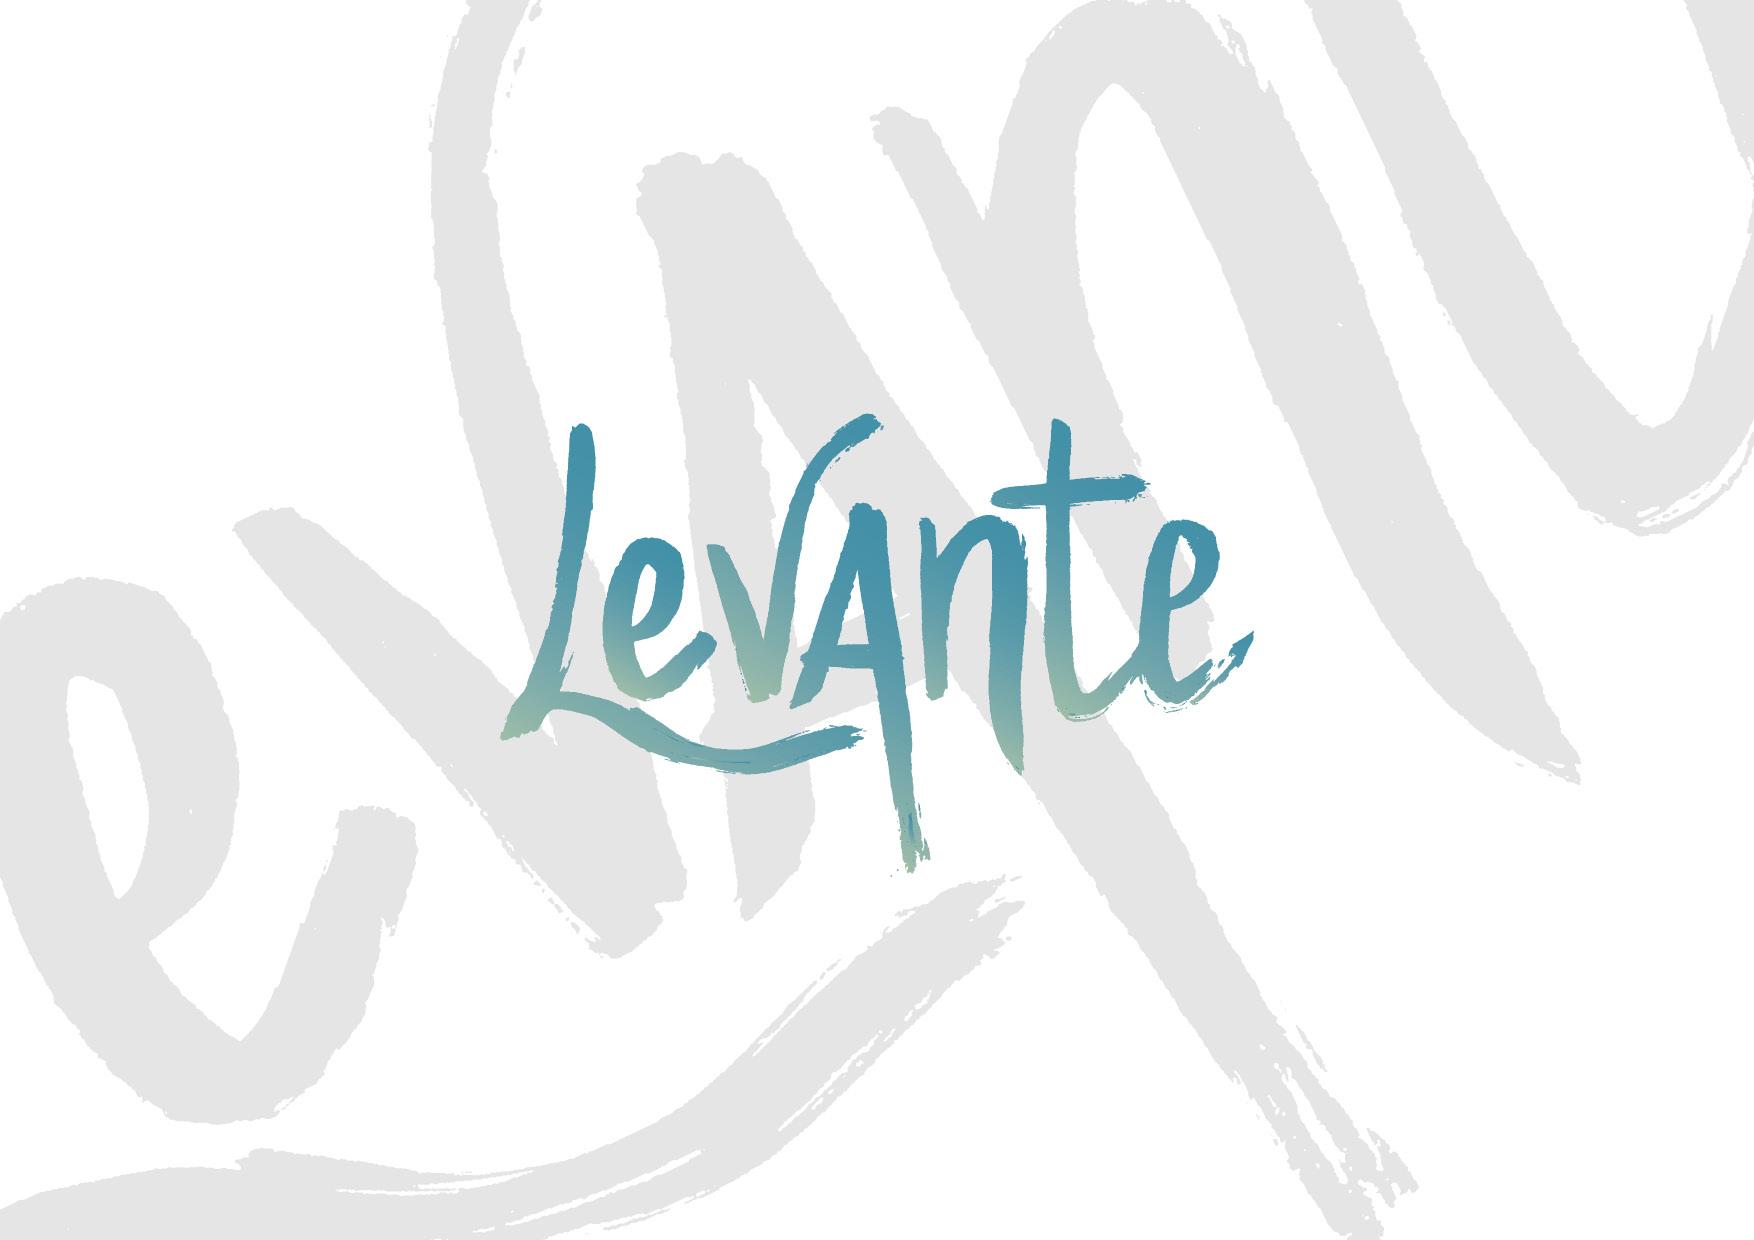 Levante-Brand2